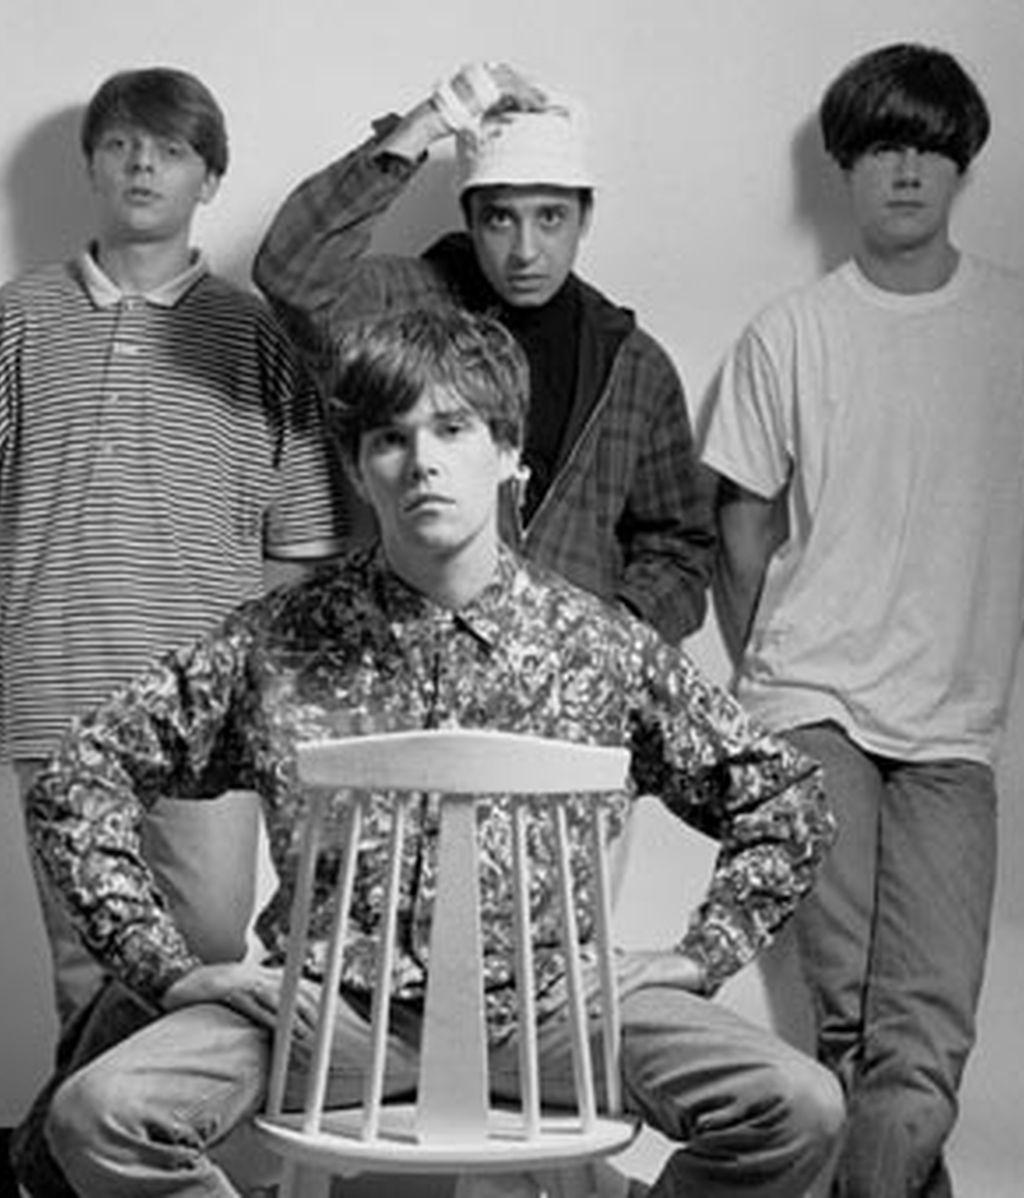 Foto de archivo del grupo británico Stone Roses